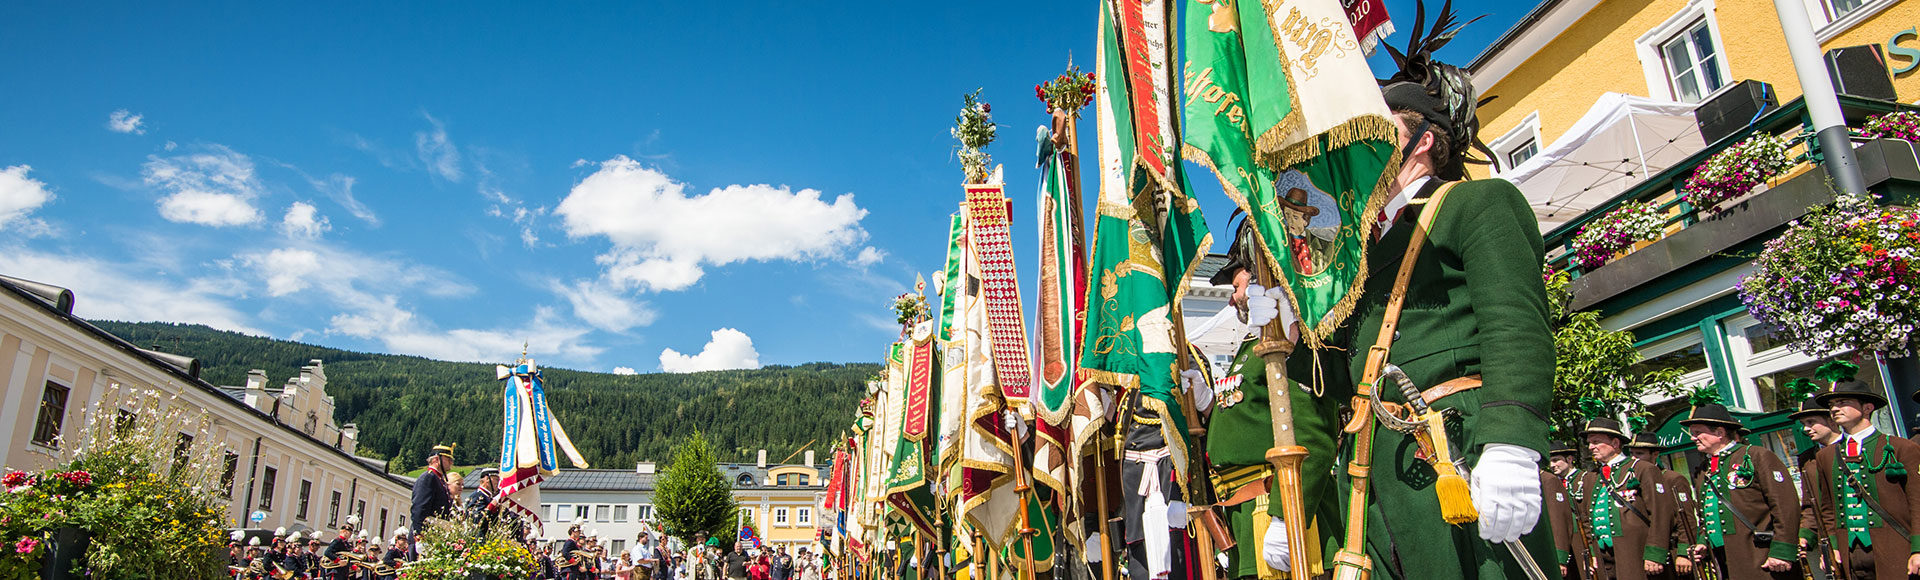 Radstädter Gardefest Tourismusverband Radstadt Lorenz Masser 1